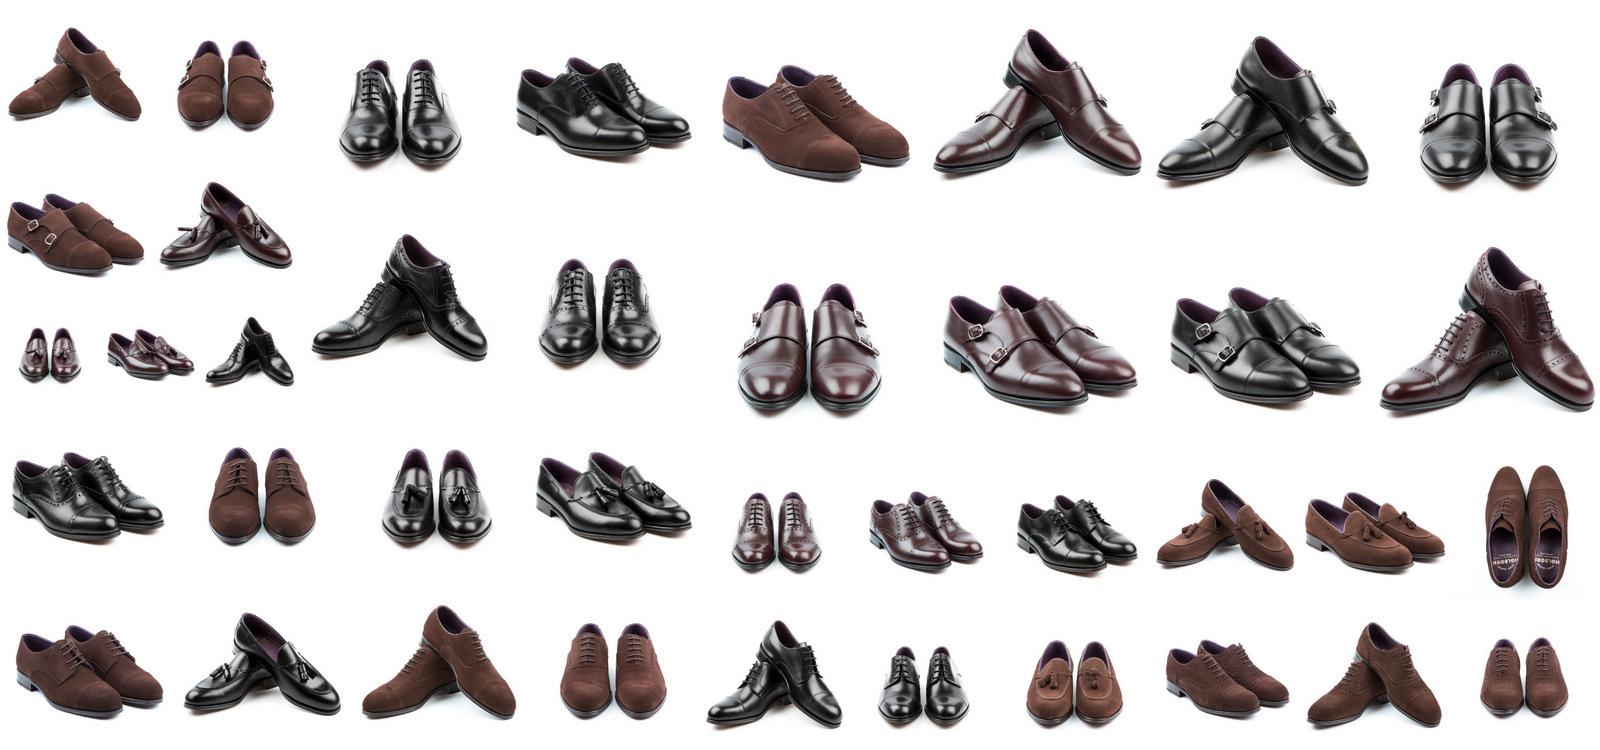 UN CABALLERO SE VISTE POR LOS PIES Todos nuestros zapatos están fabricados artesanalmente con piel natural en España. En HOLBORN solo vas a encontrar la mejor calidad a un precio irresistible. Garantizado.